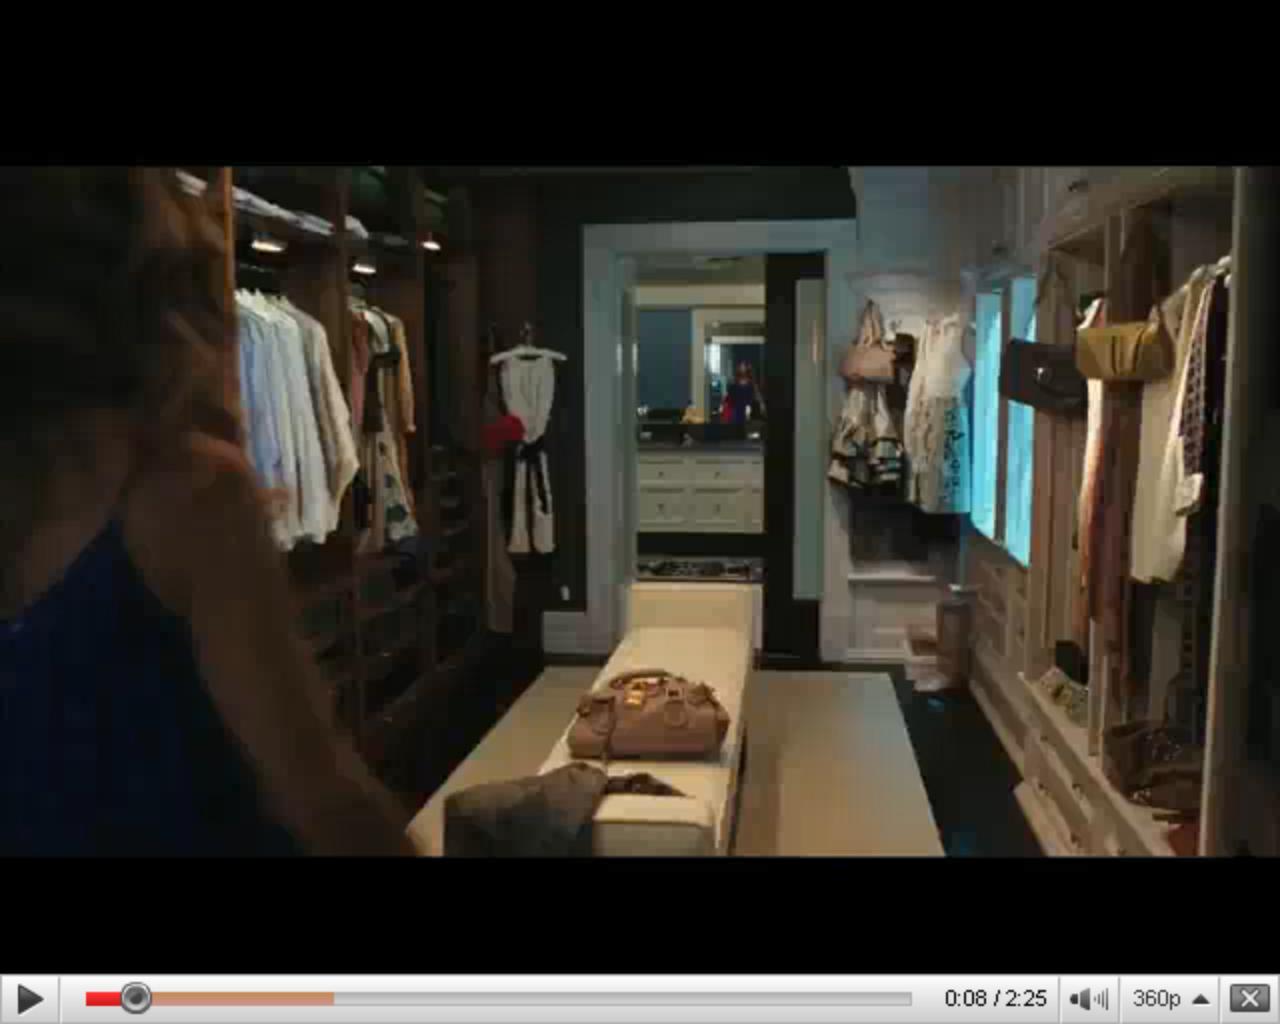 Blog de sahira abril 2010 - Ver pelicula sexo en nueva york 2 ...